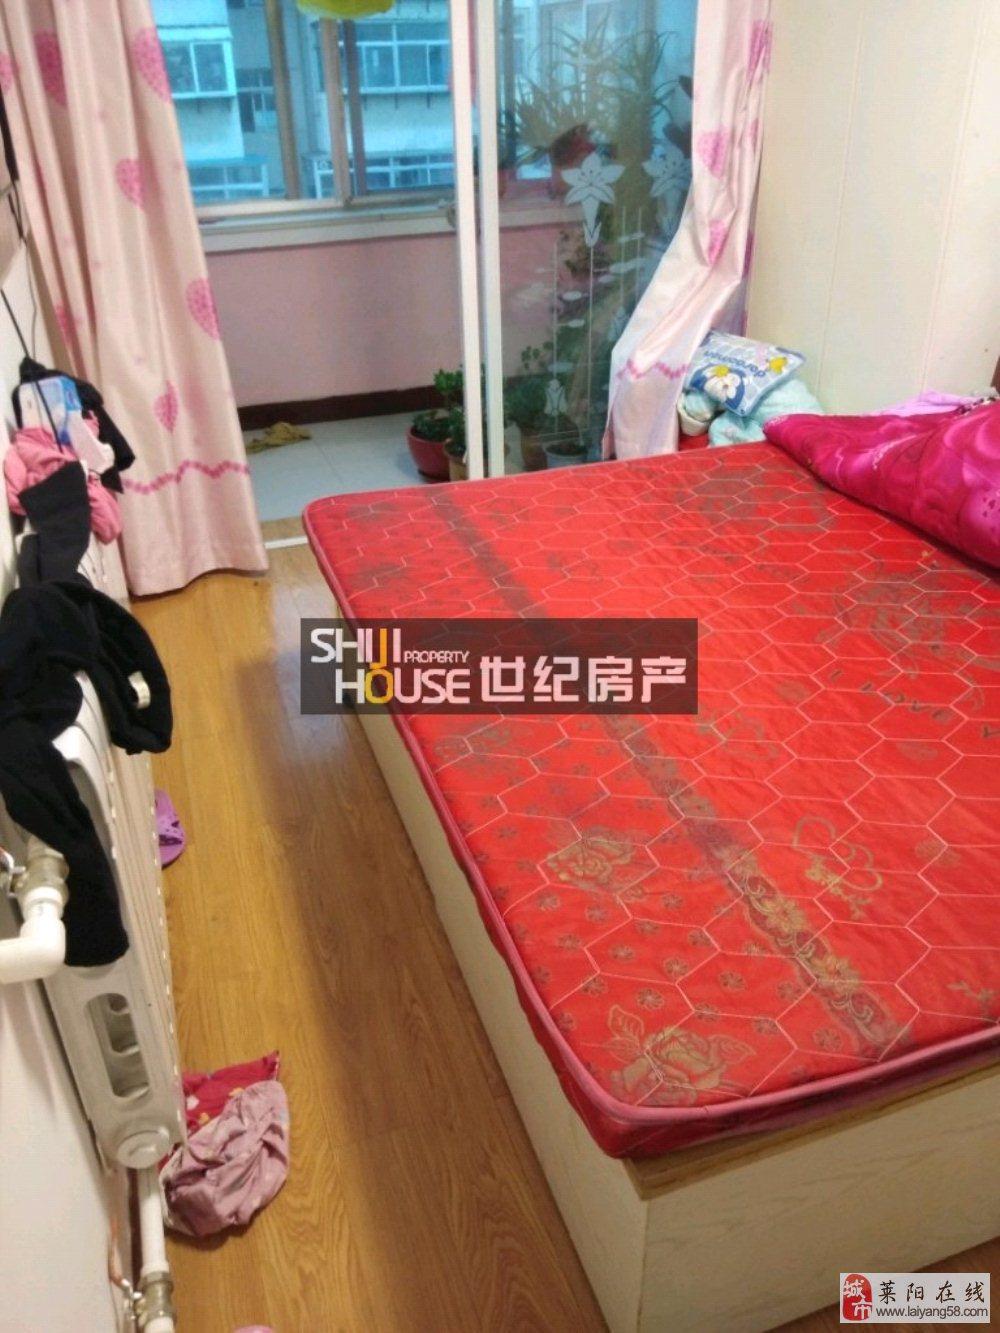 寶山小區新式裝修帶家具家電急售38萬元